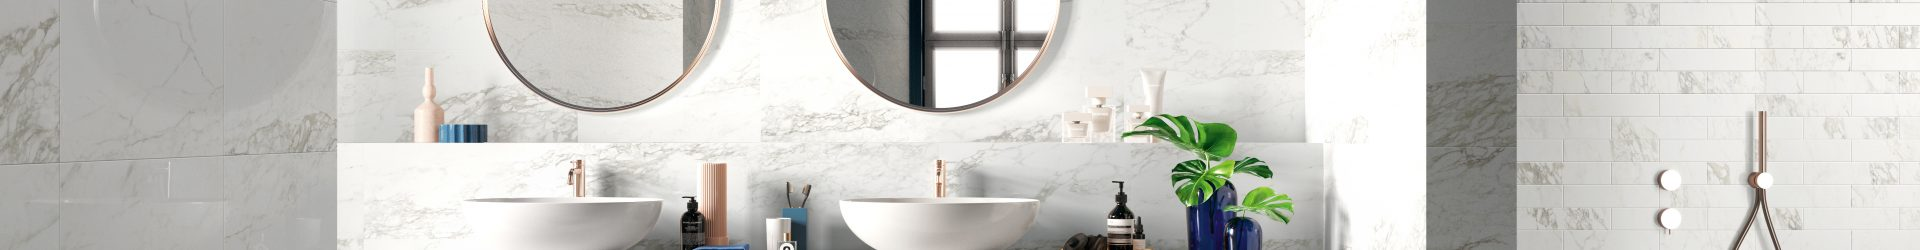 Speciale pavimenti: consigli pratici per parquet, marmo e gres porcellanato